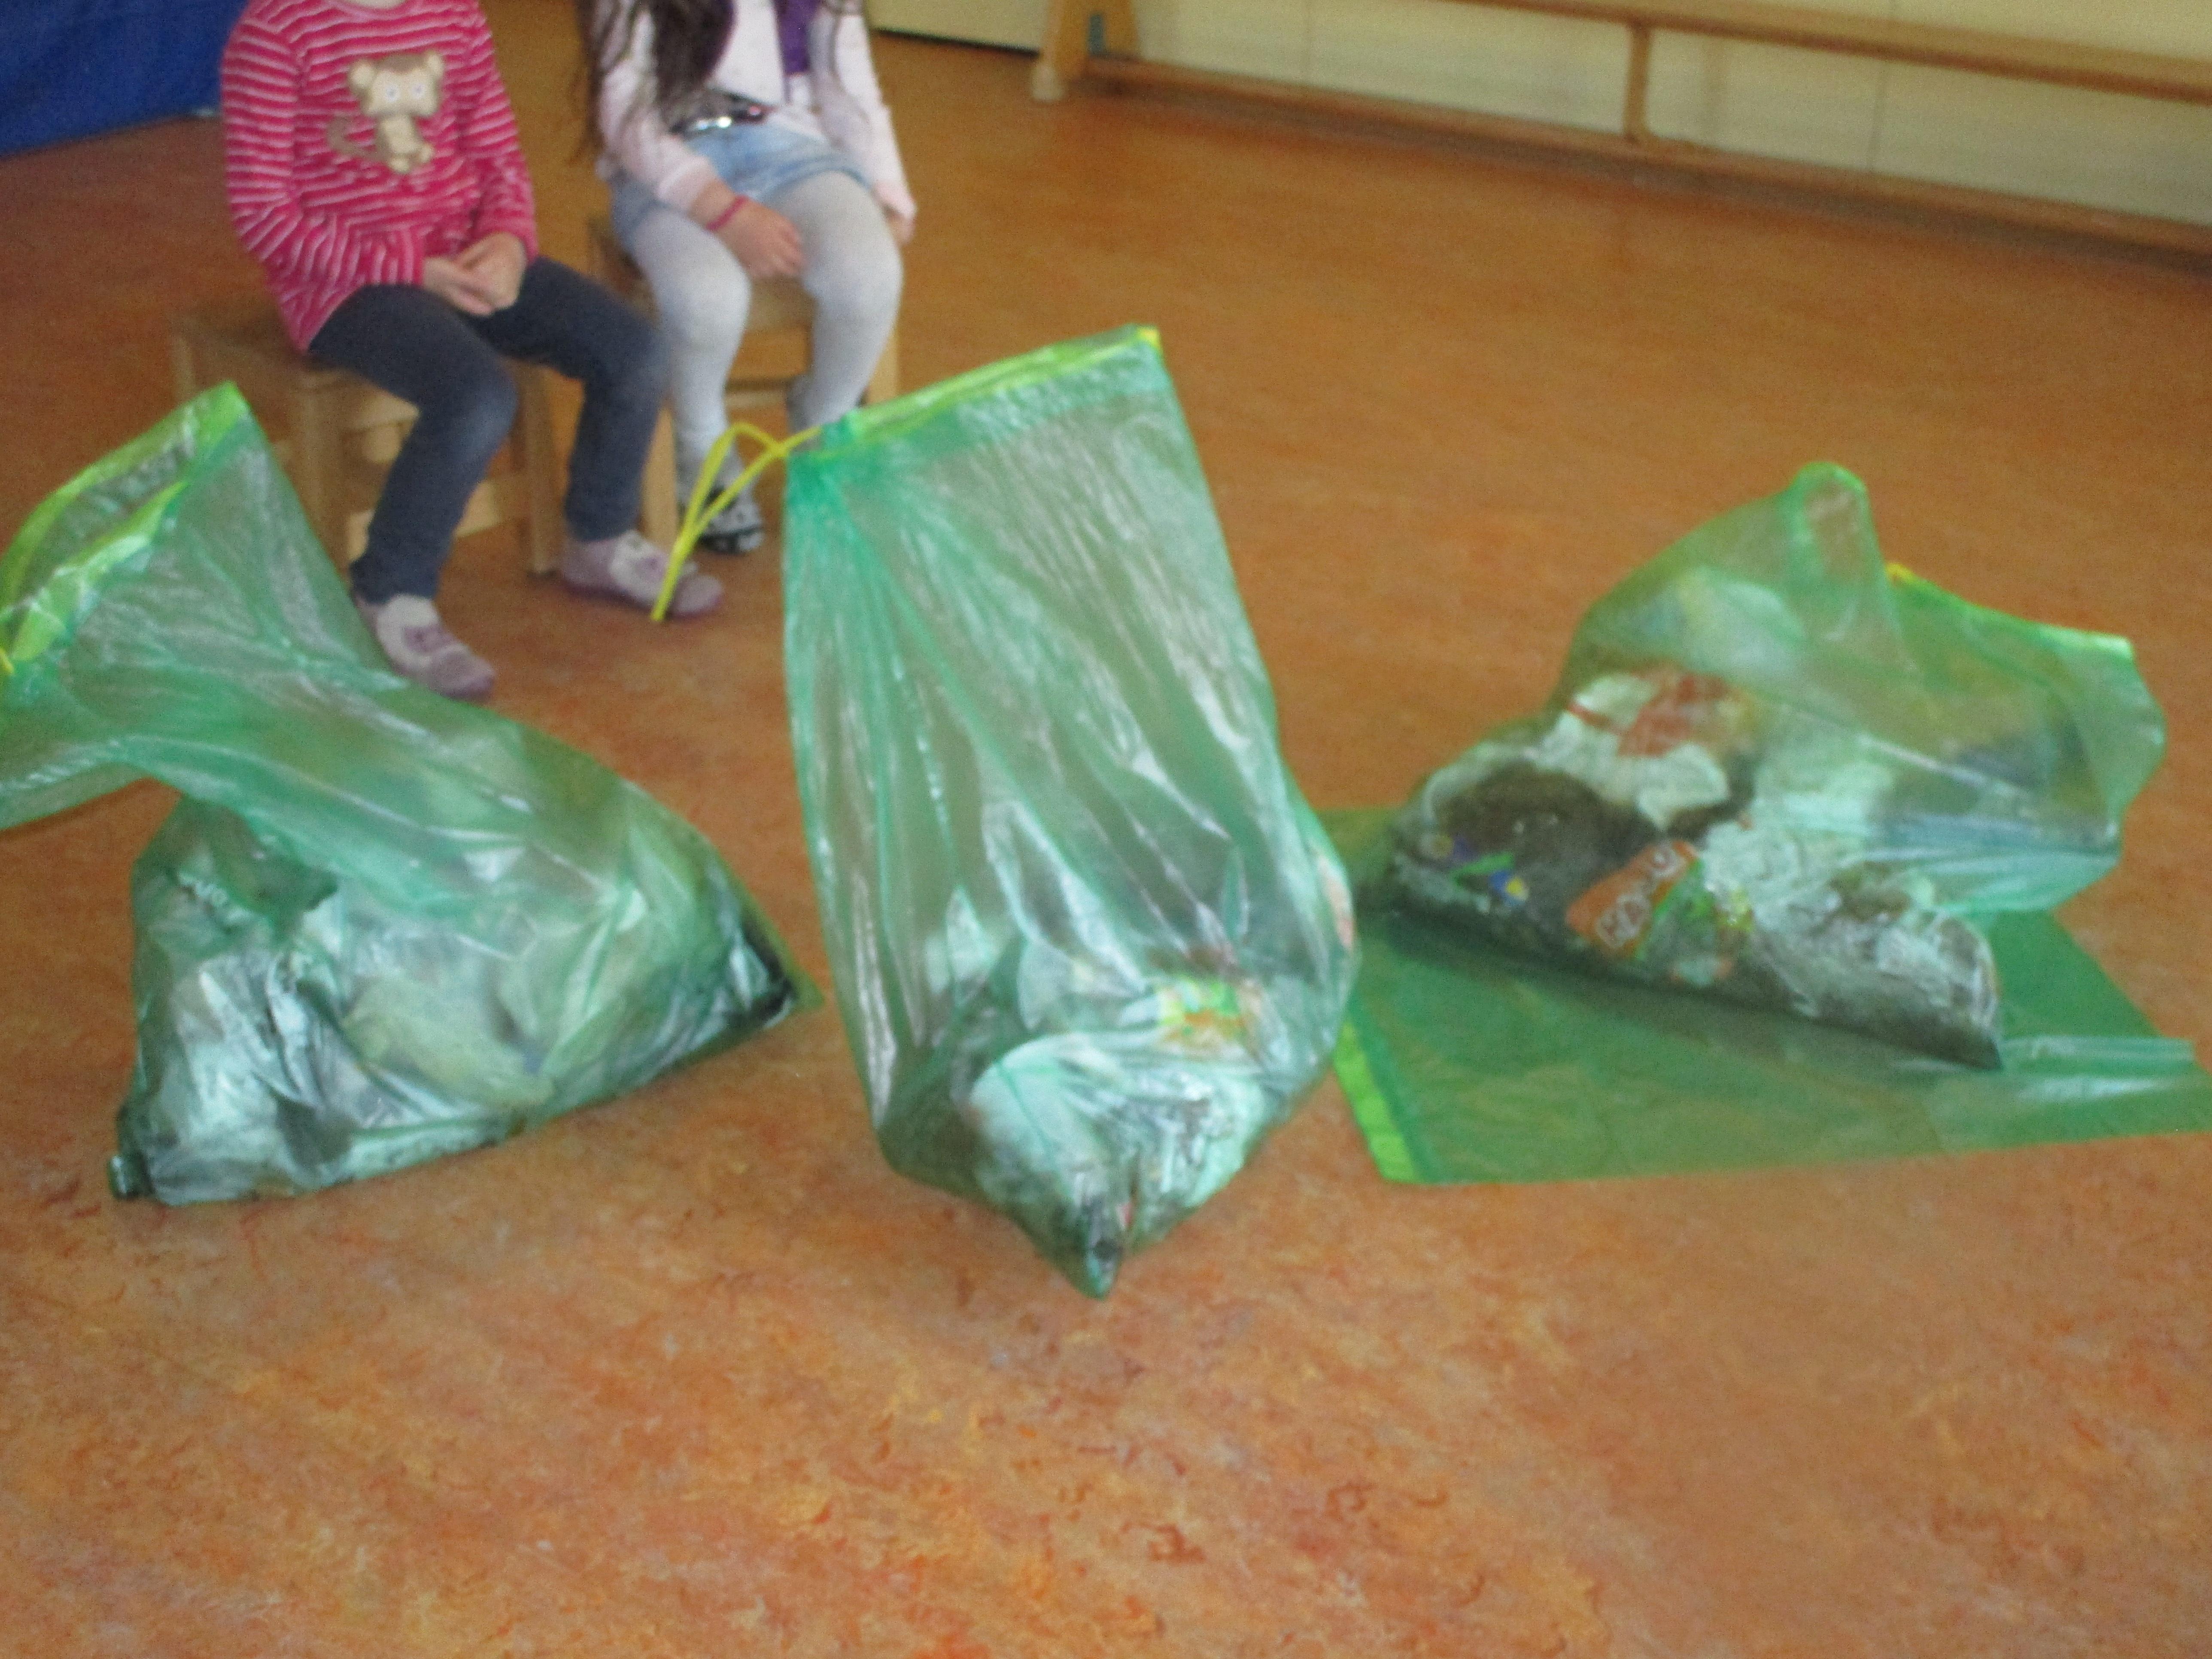 Picobello-Aktion in der Ev. Kindertagesstätte Uchtelfangen